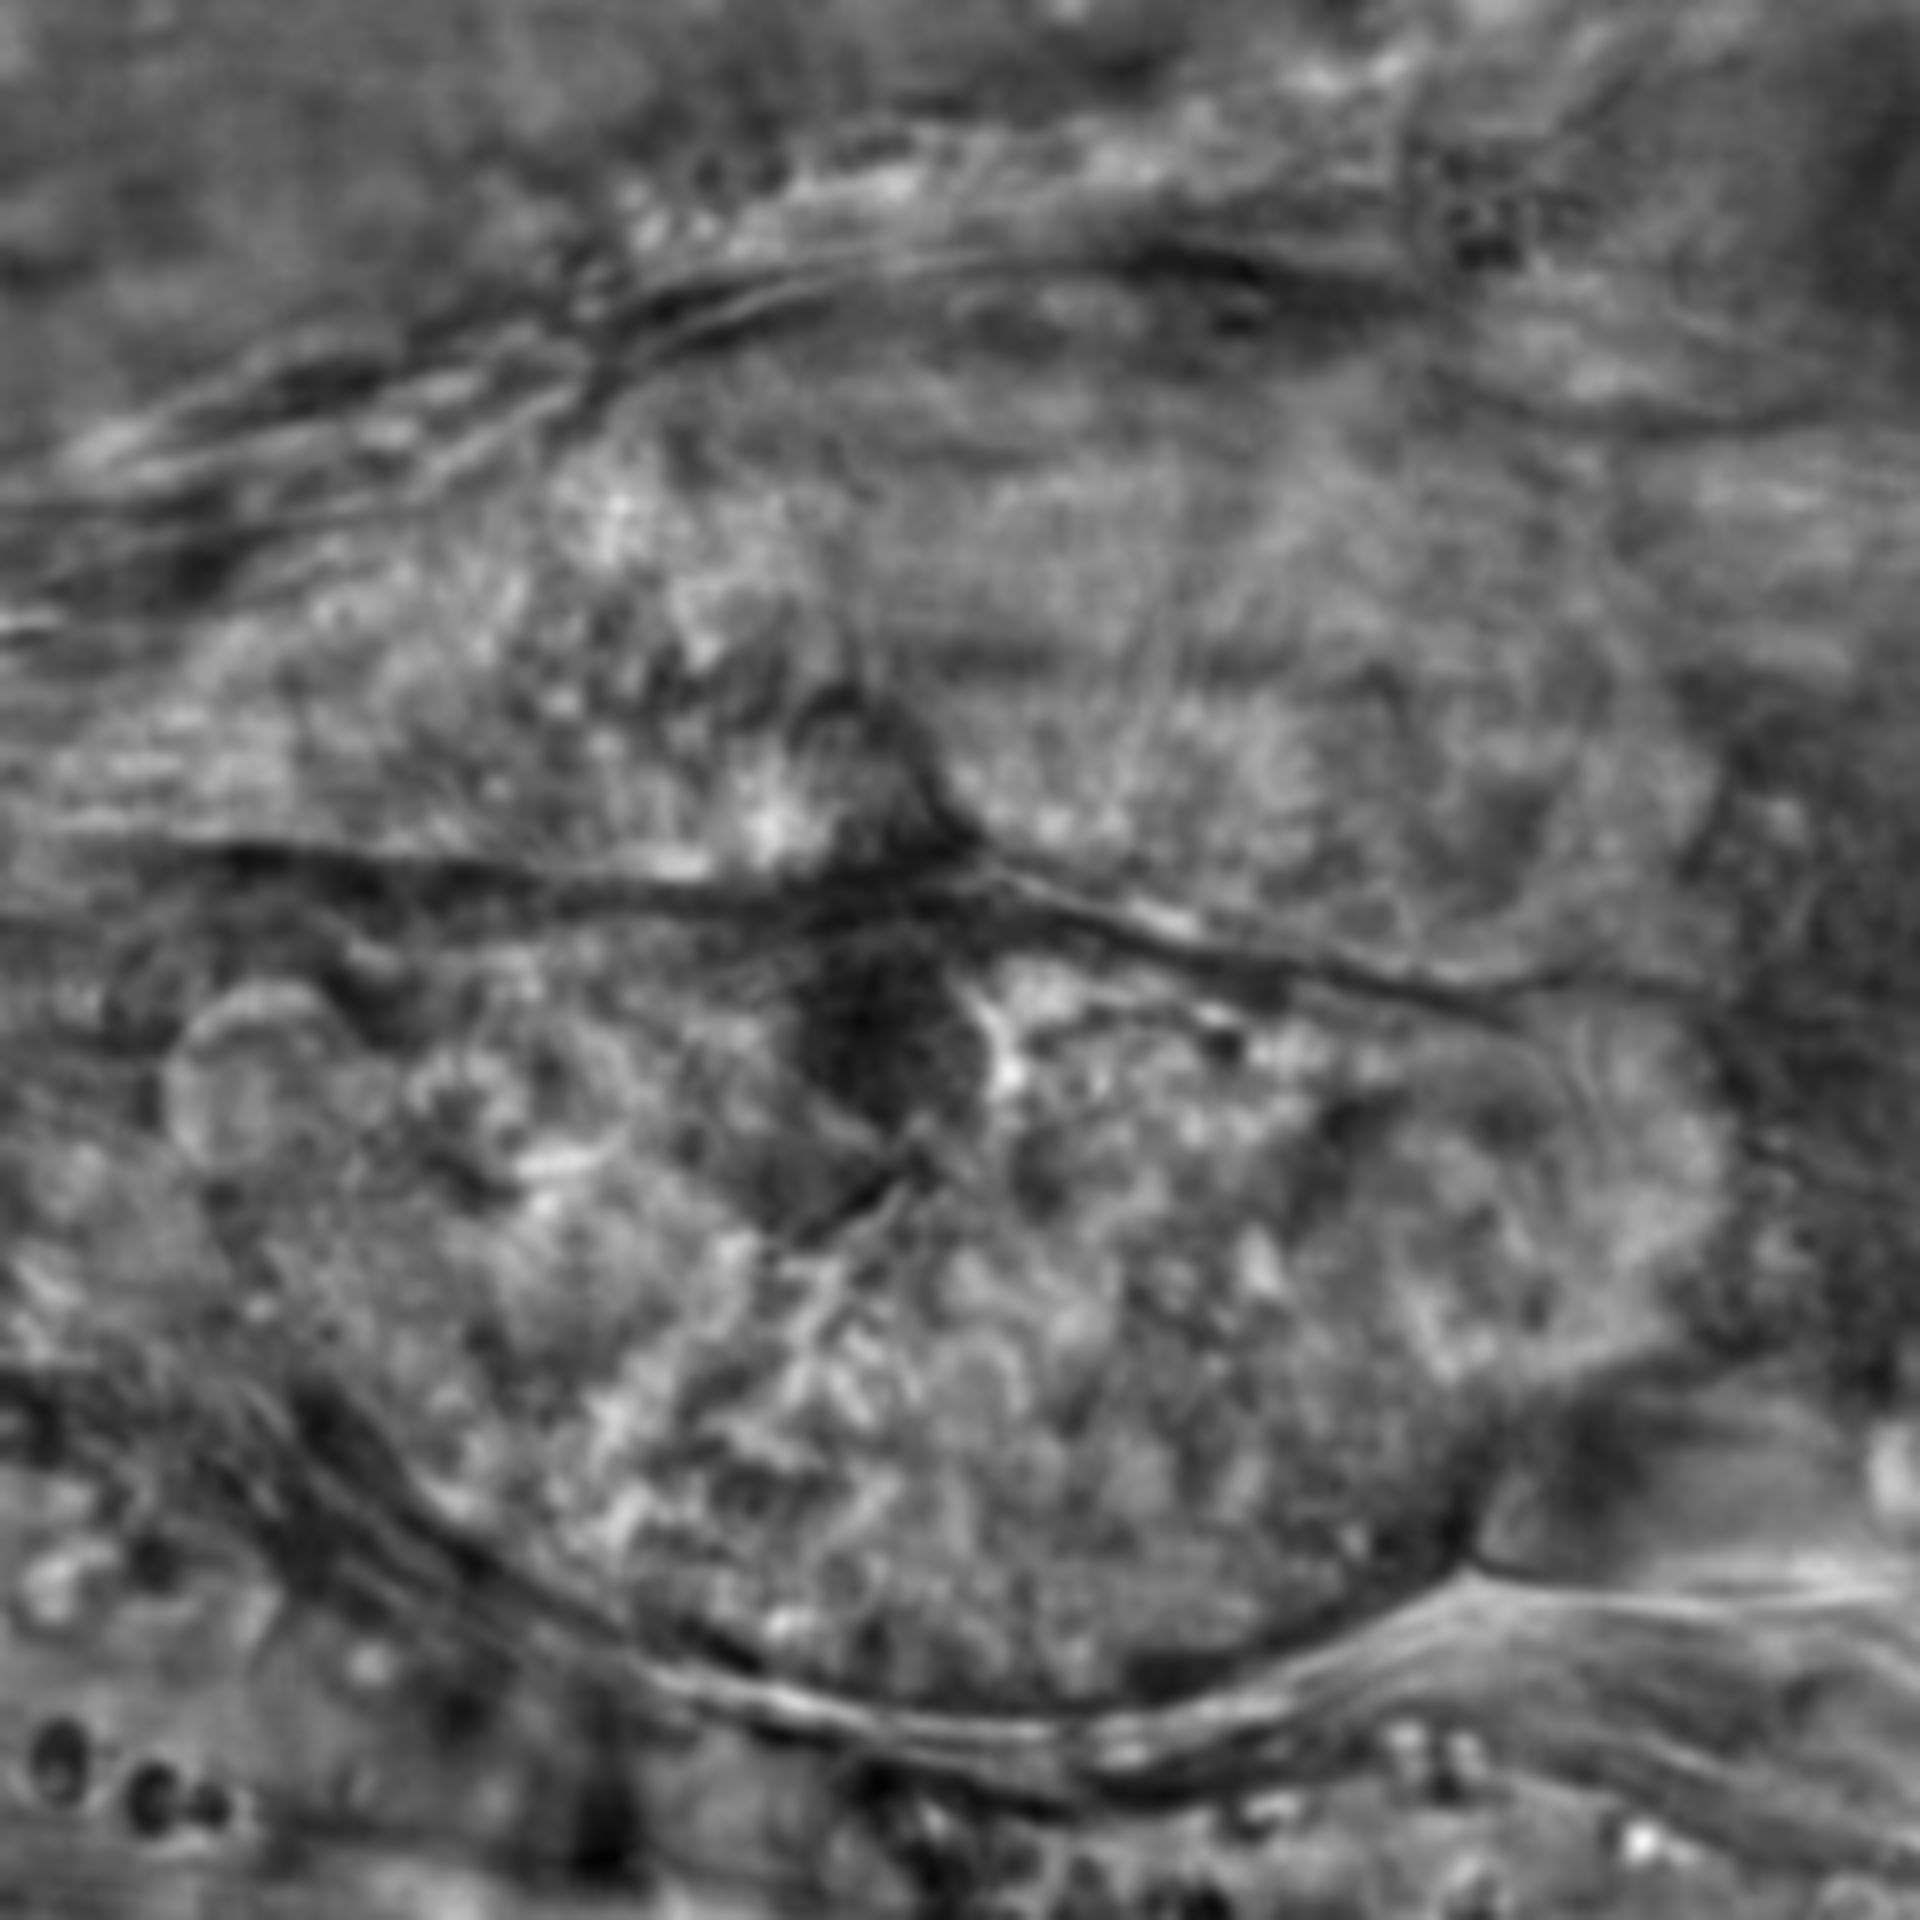 Caenorhabditis elegans - CIL:1924